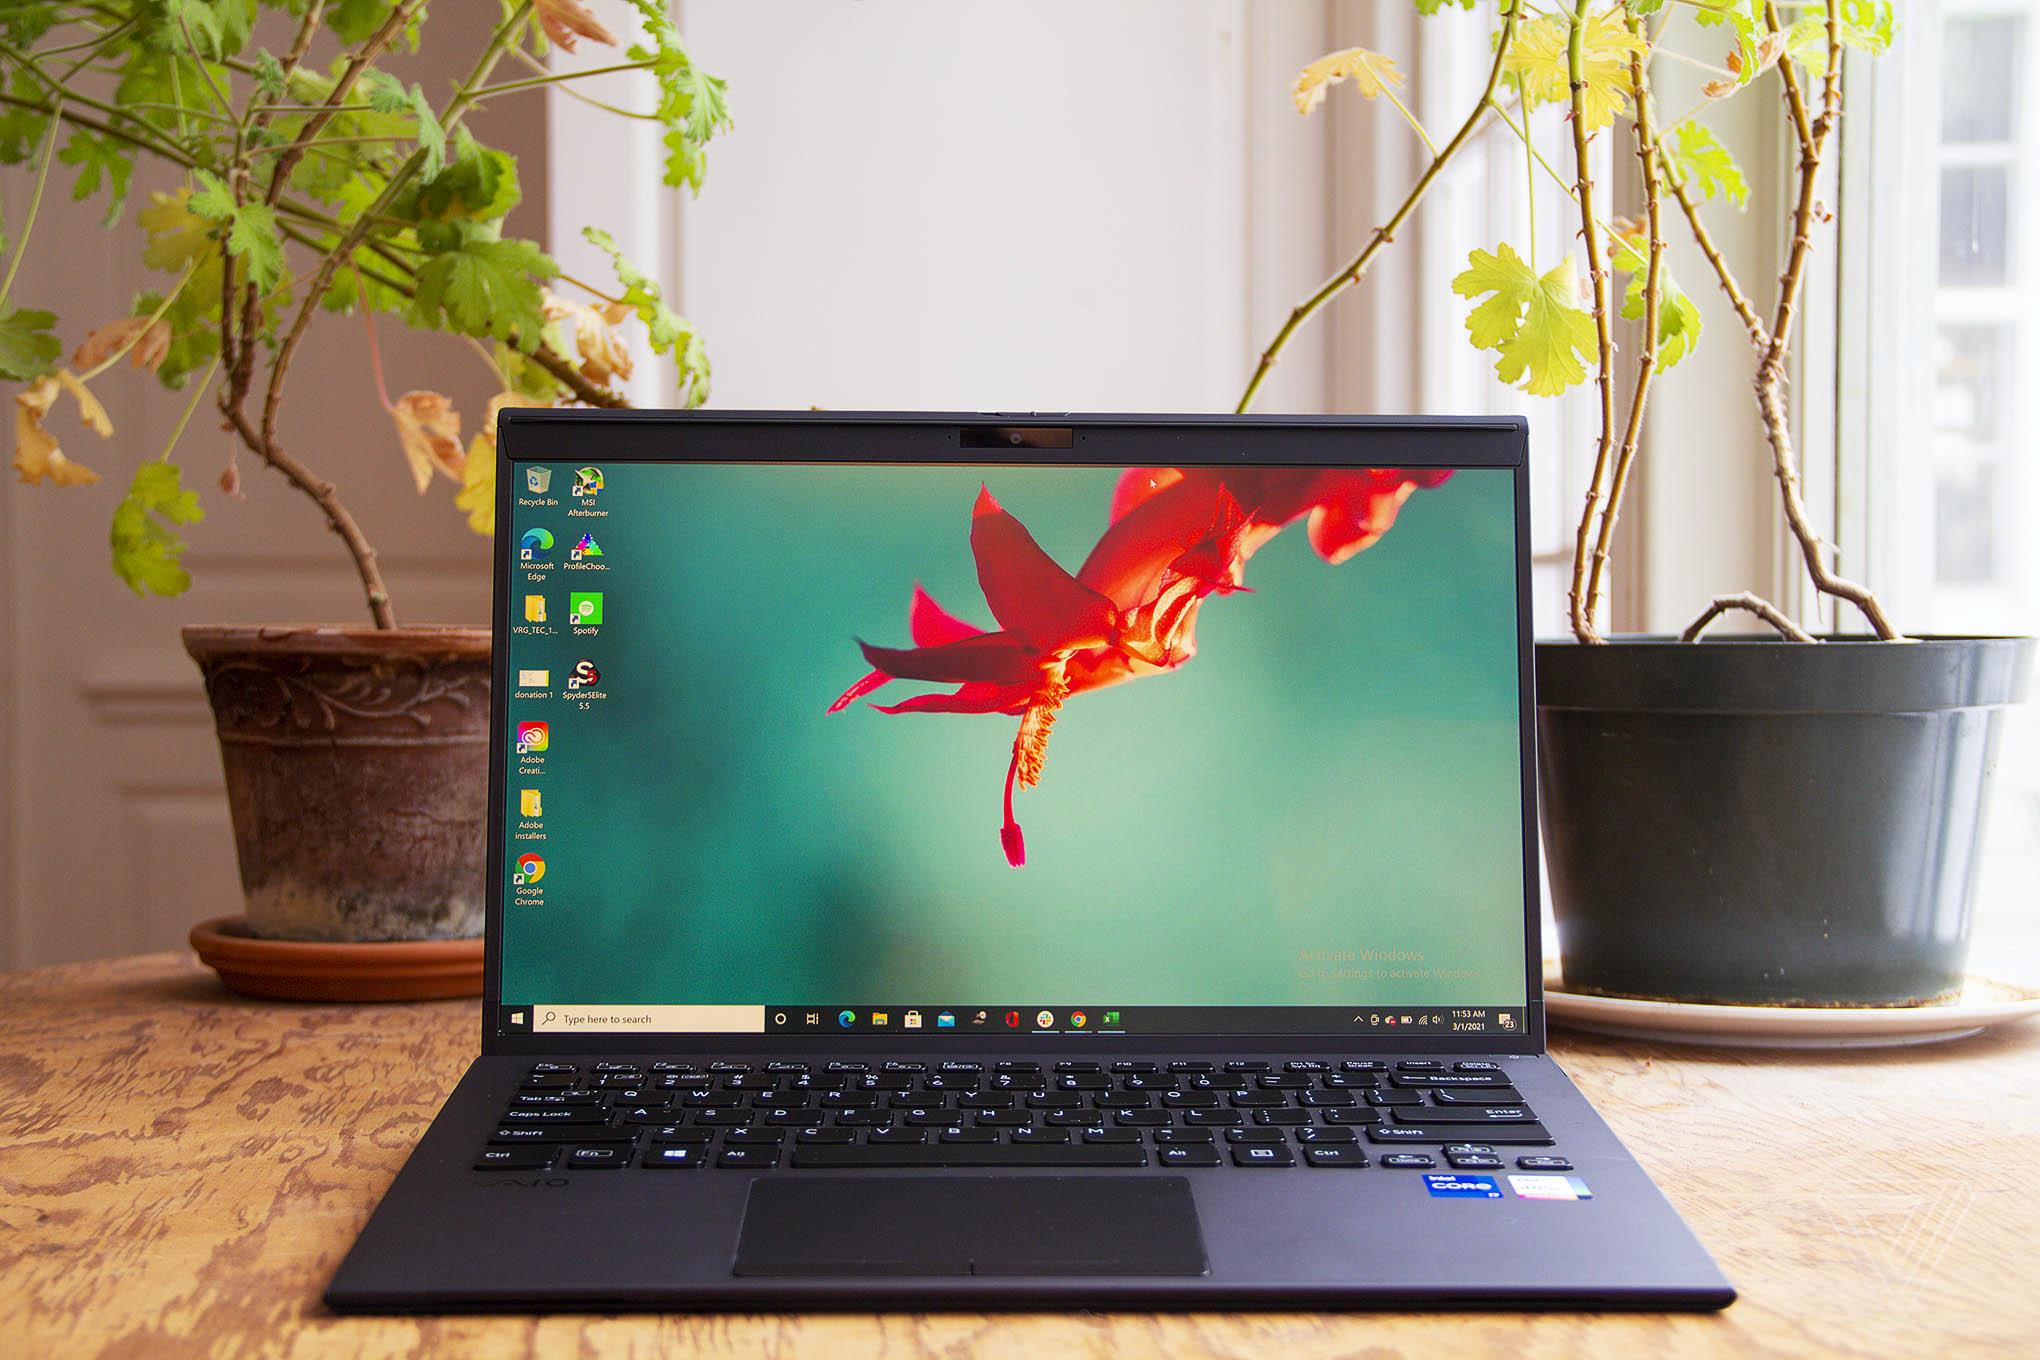 Đánh giá Vaio Z (2021): Có gì bên trong một chiếc laptop làm hoàn toàn từ sợi carbon?